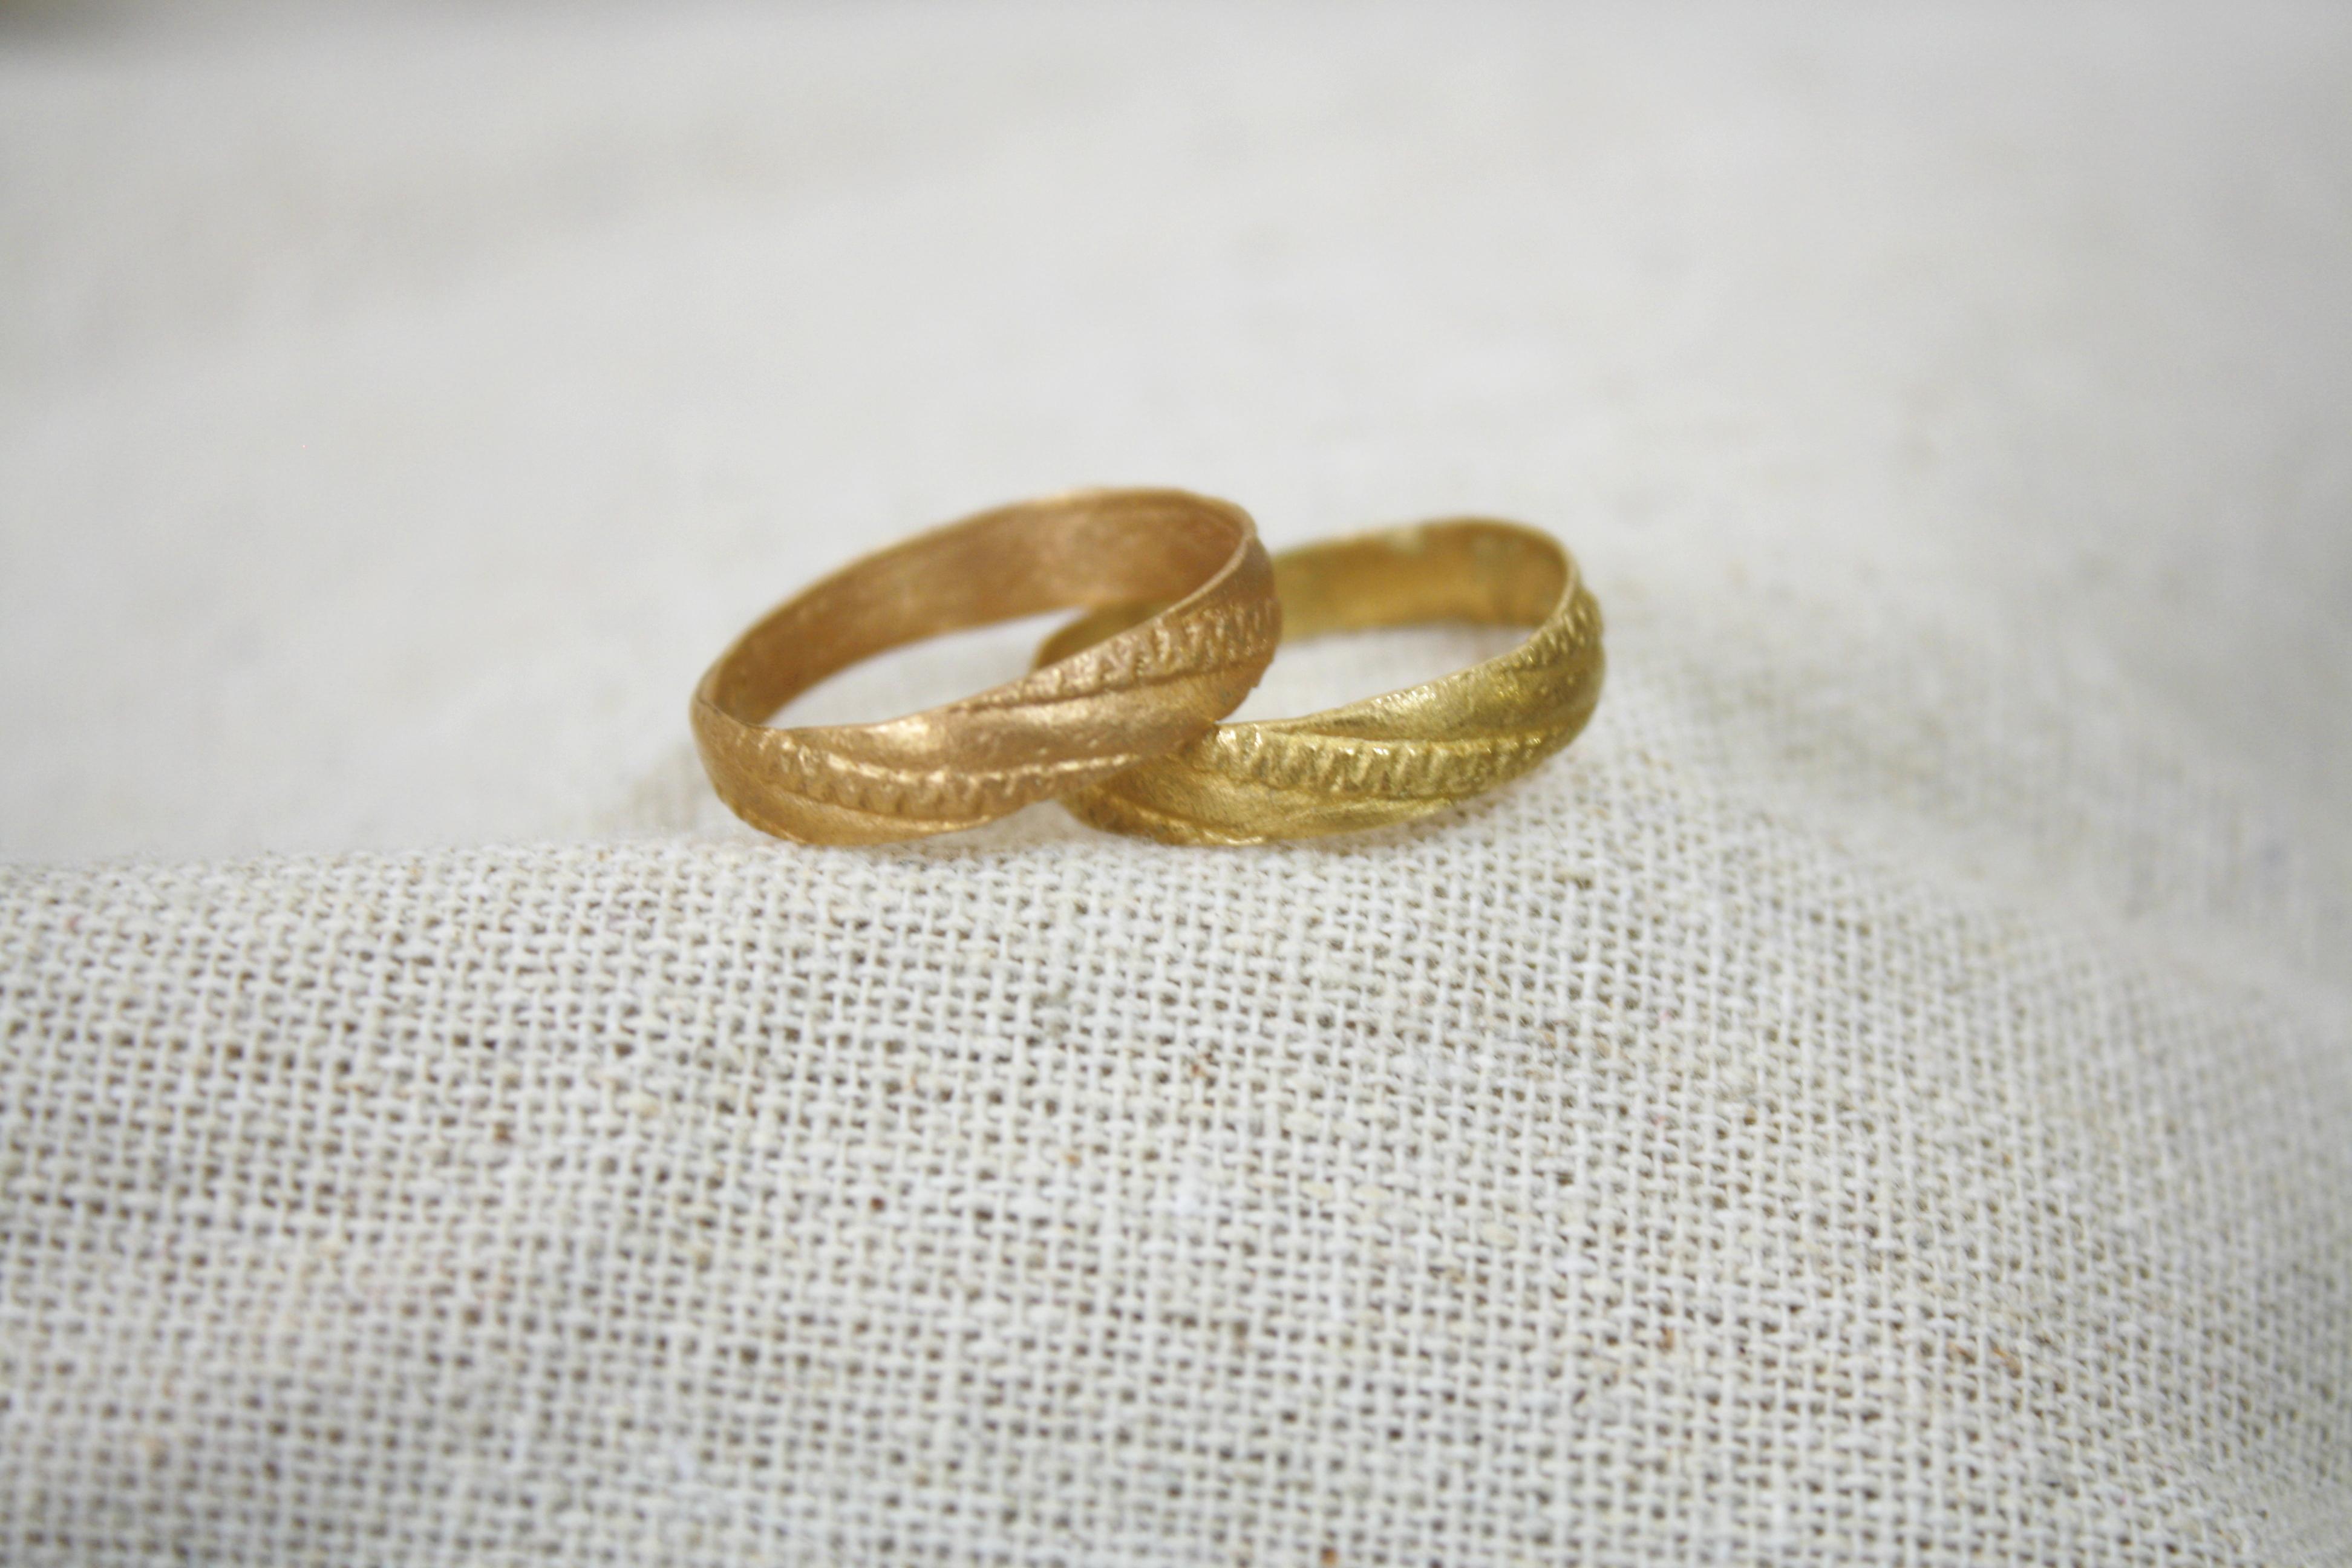 טבעת שדות חיטה זהב אדום וצהוב